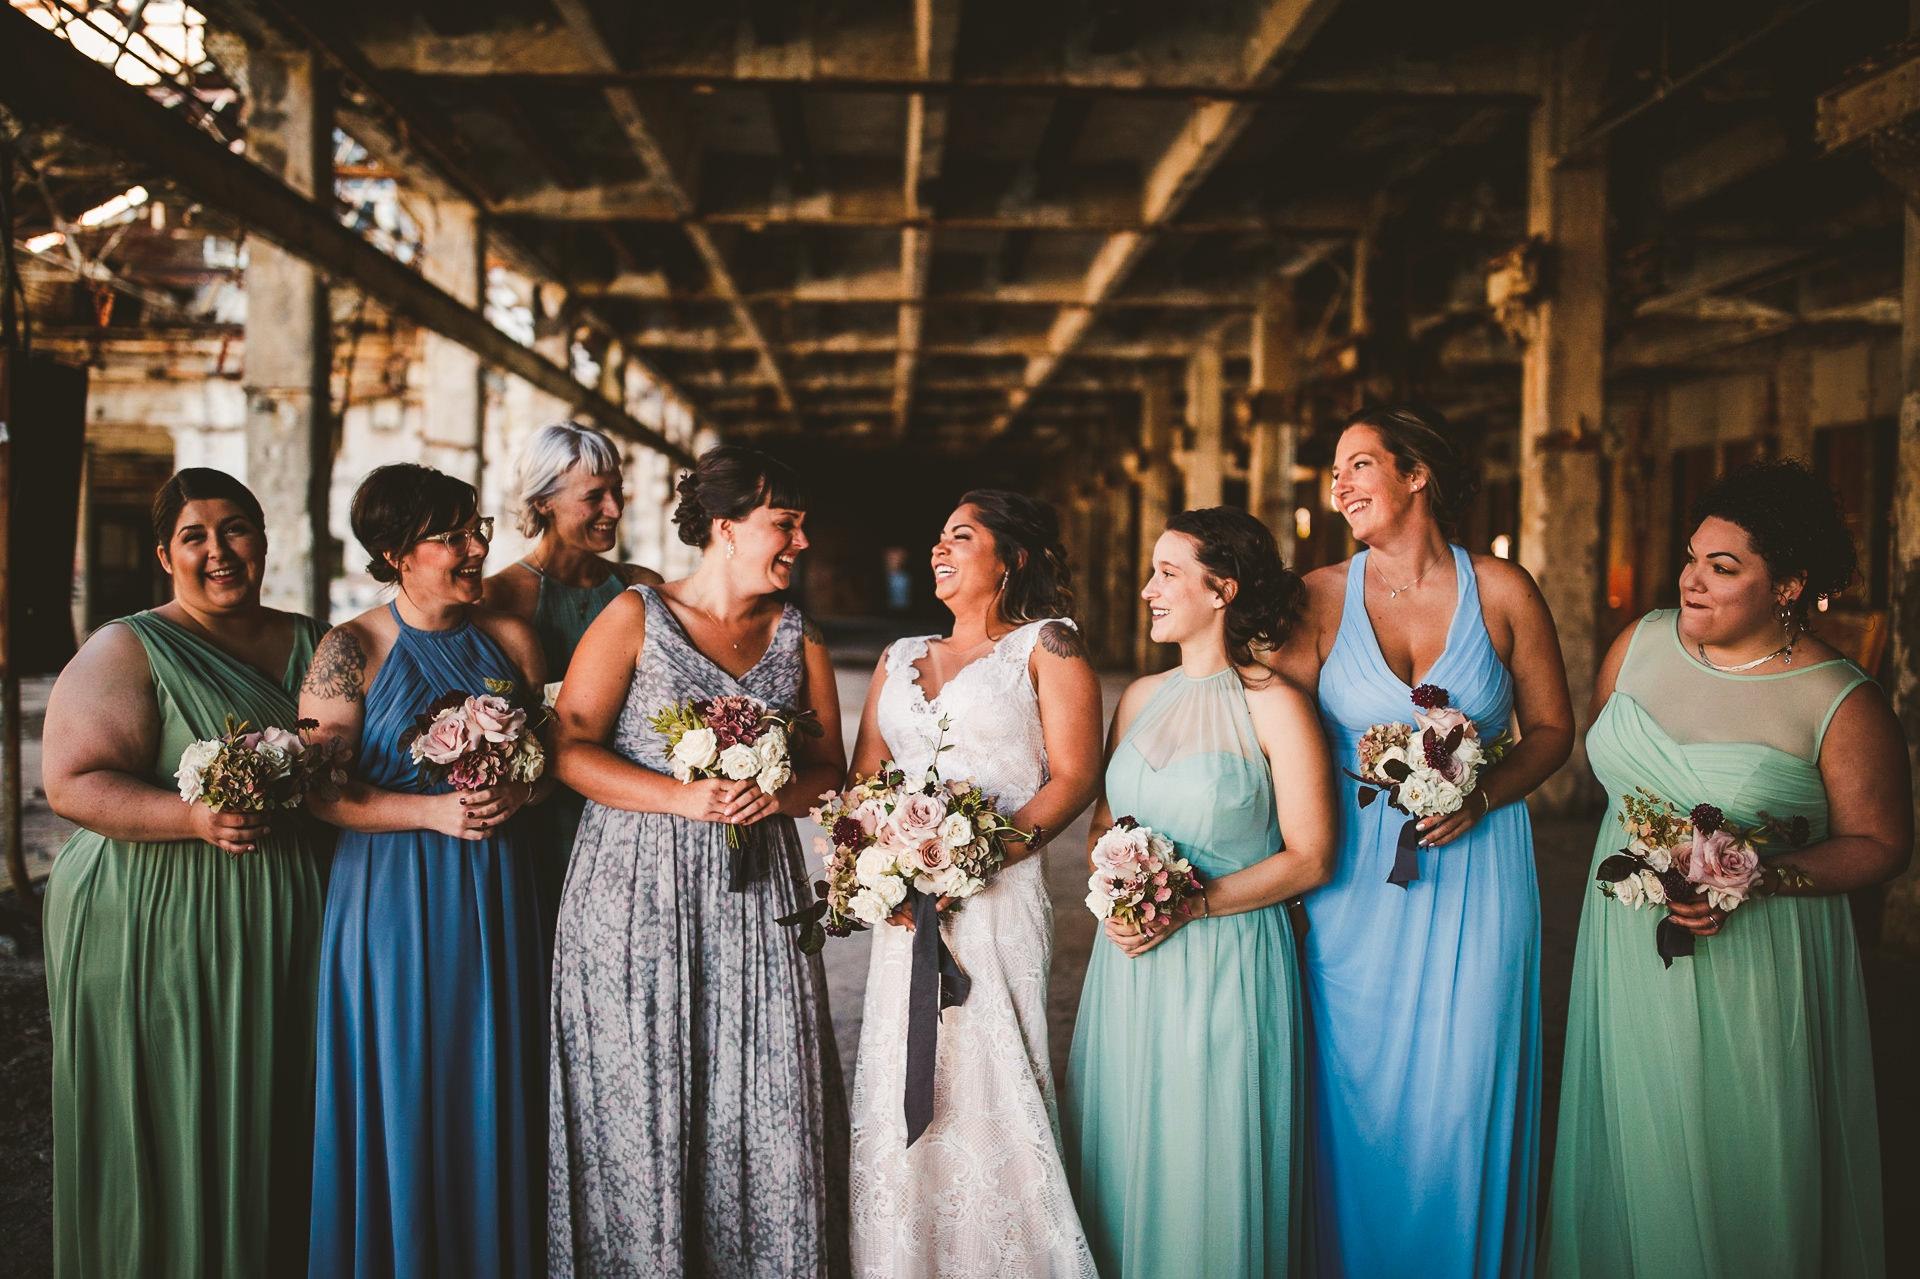 Lake Erie Building Wedding in Lakewood 25.jpg